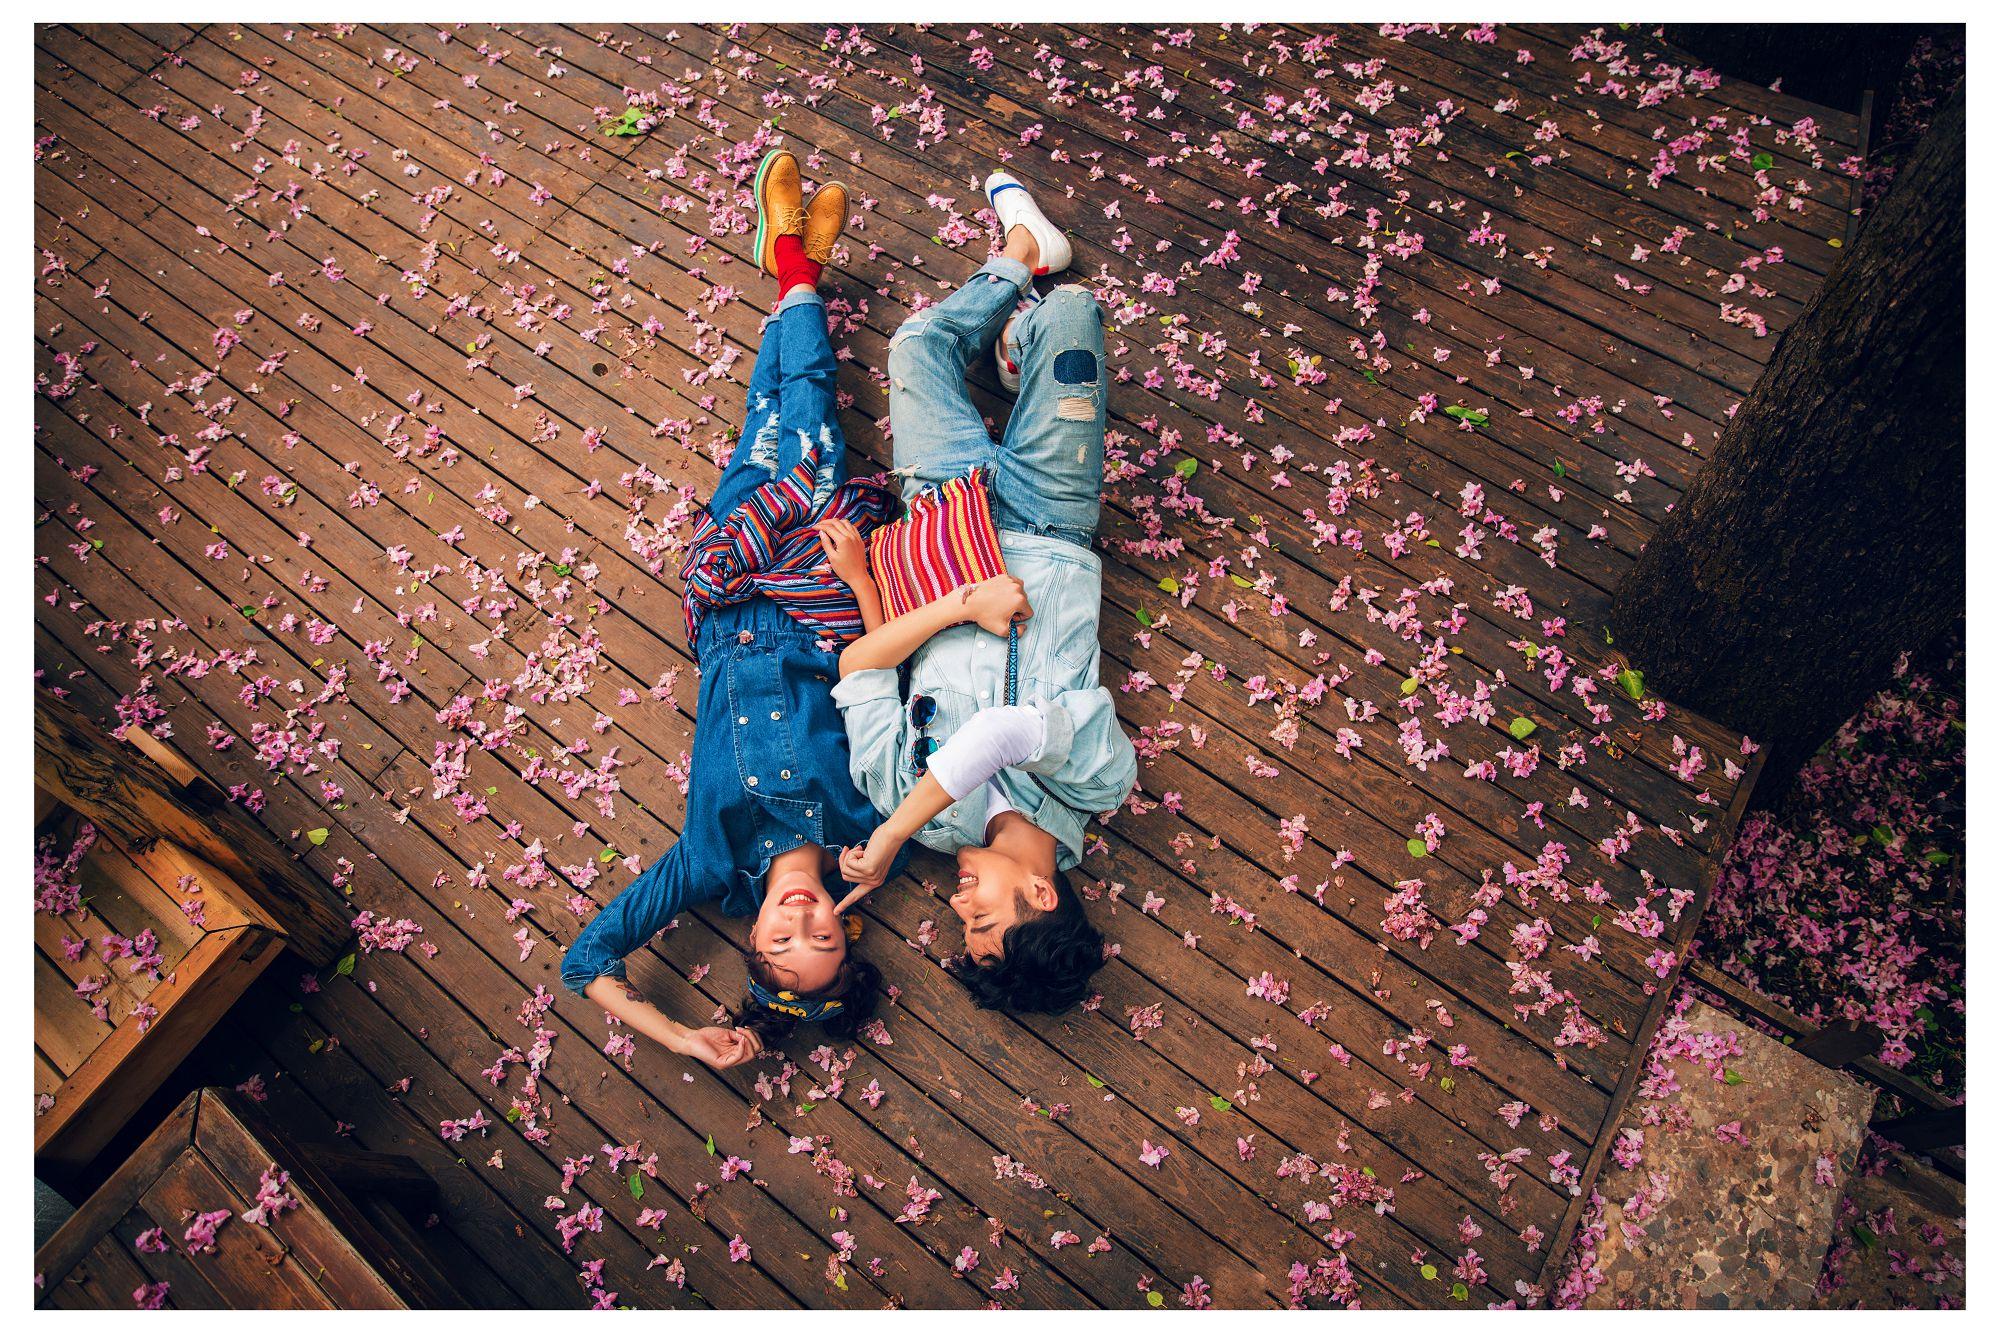 几月份去丽江拍摄婚纱照景色最美